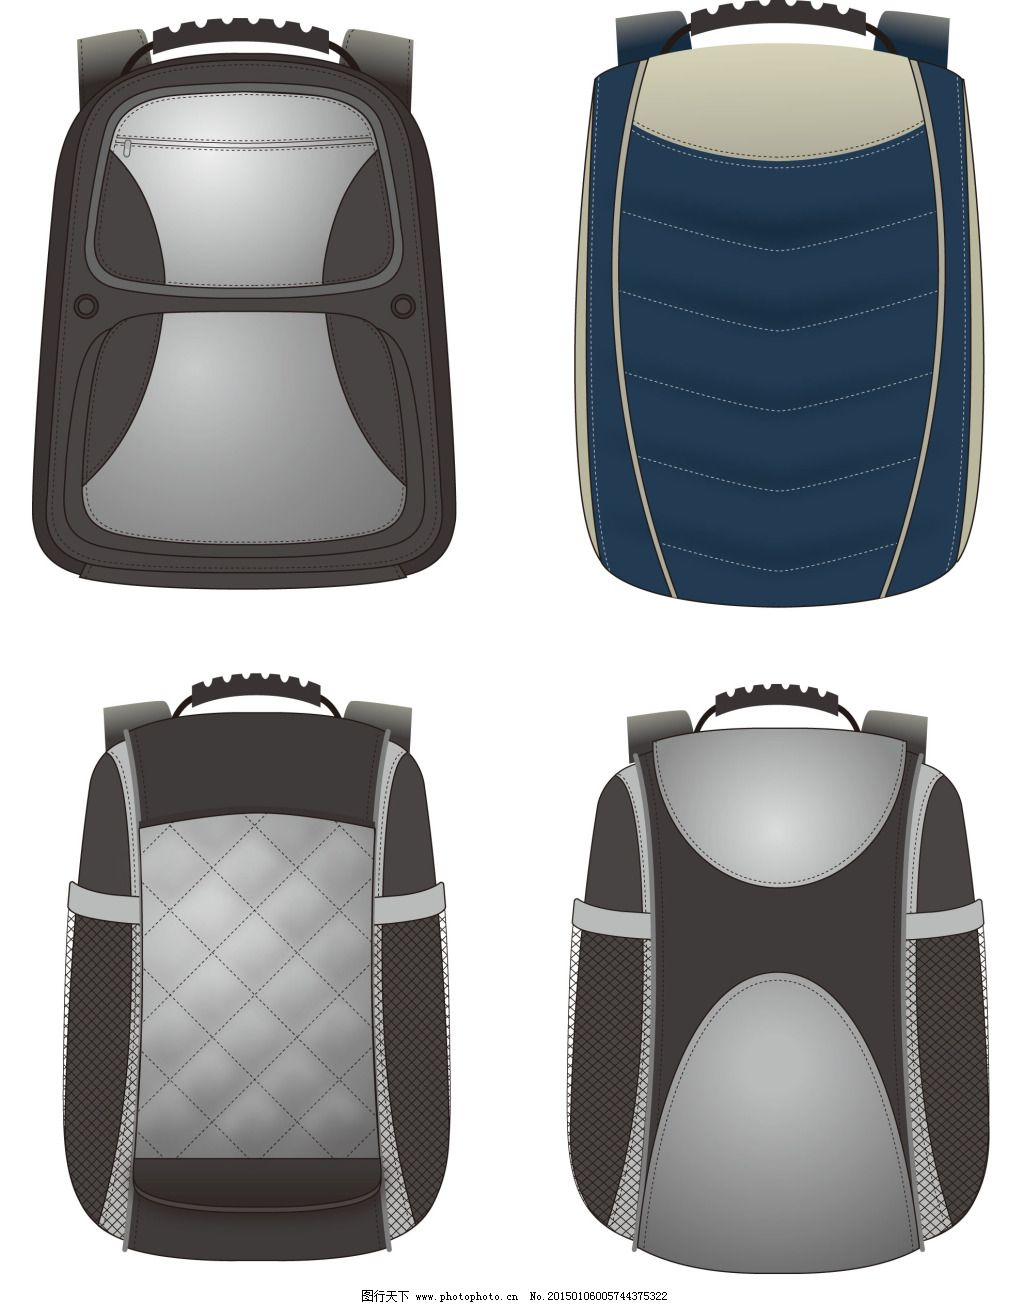 双肩 背包 两用背包 双肩免费下载 双肩背包设计图 可改图 商务双肩